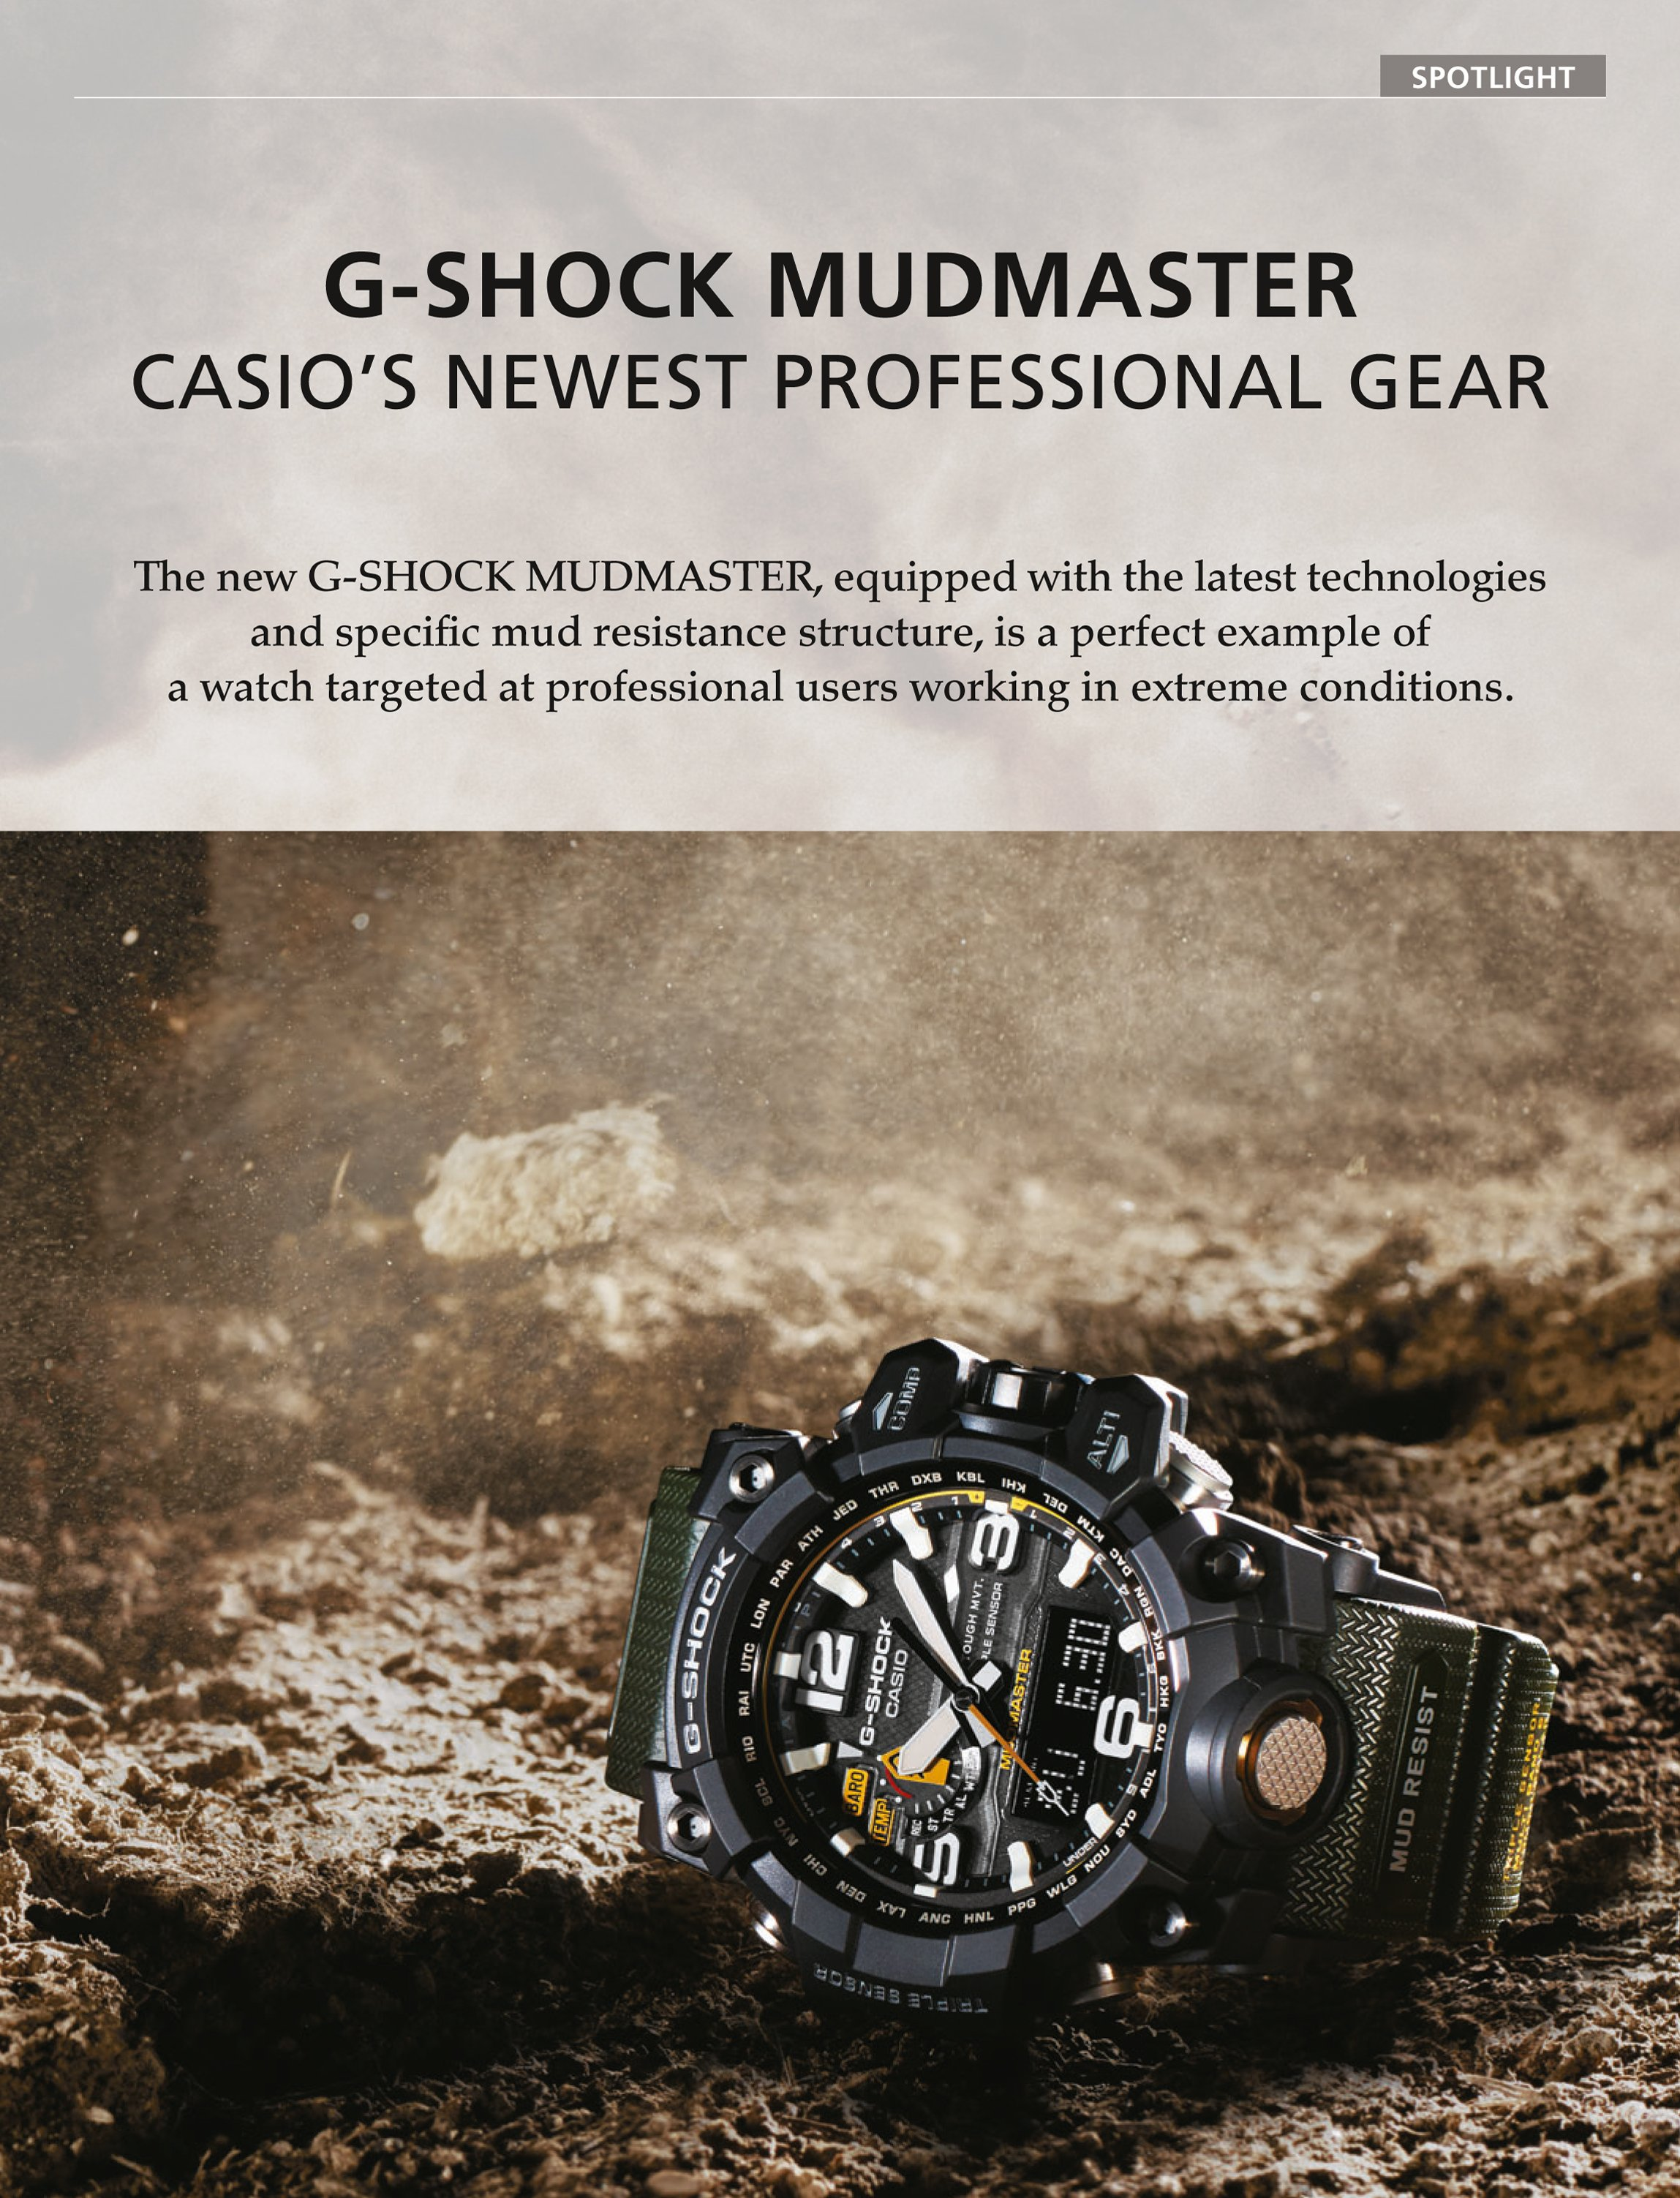 g shock mudmaster casio s newest professional